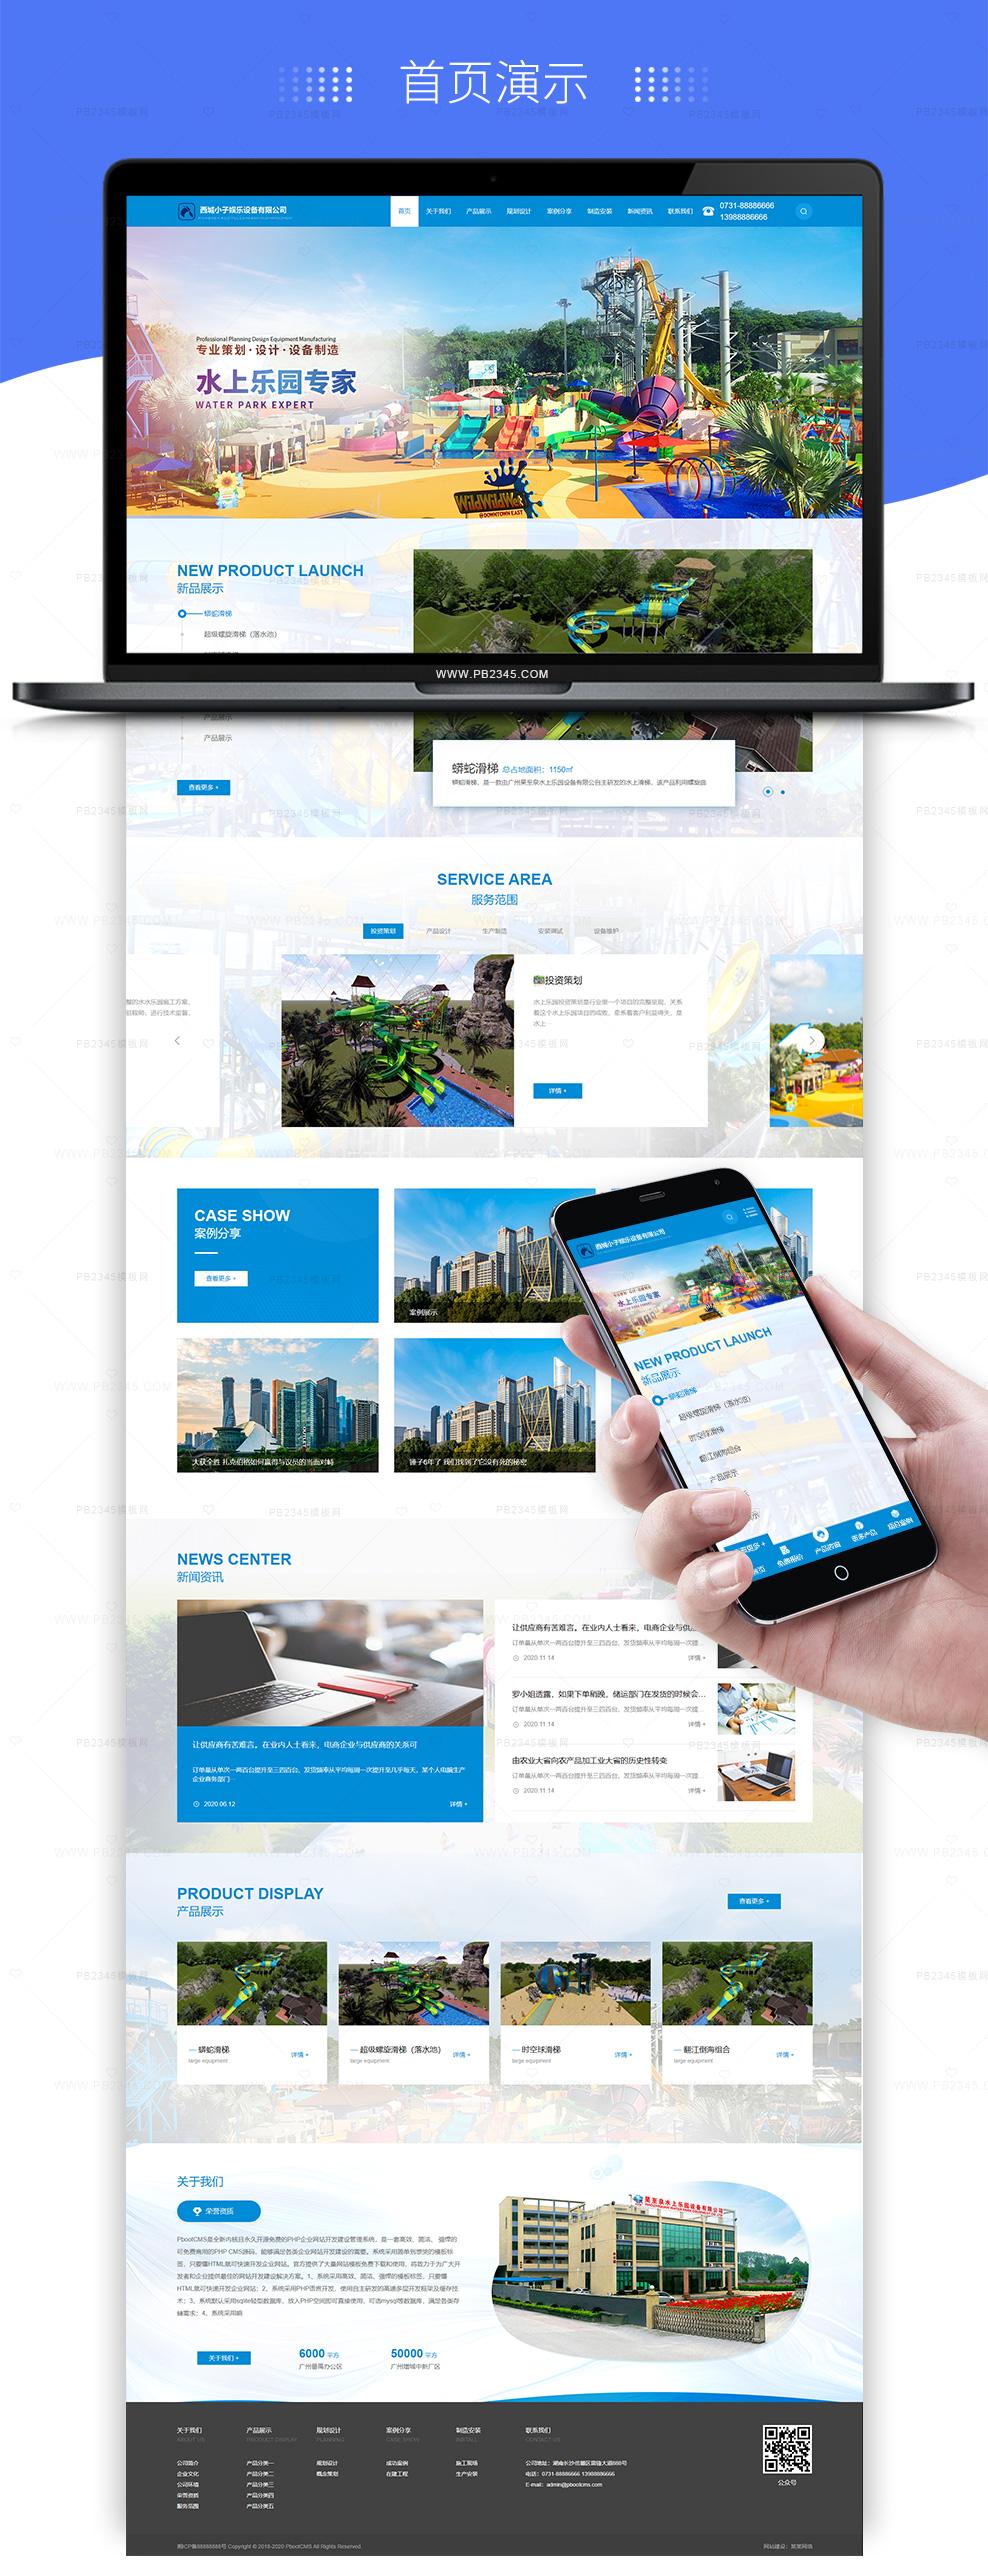 pbootcms自适应娱乐设备网站源码模板带手机端